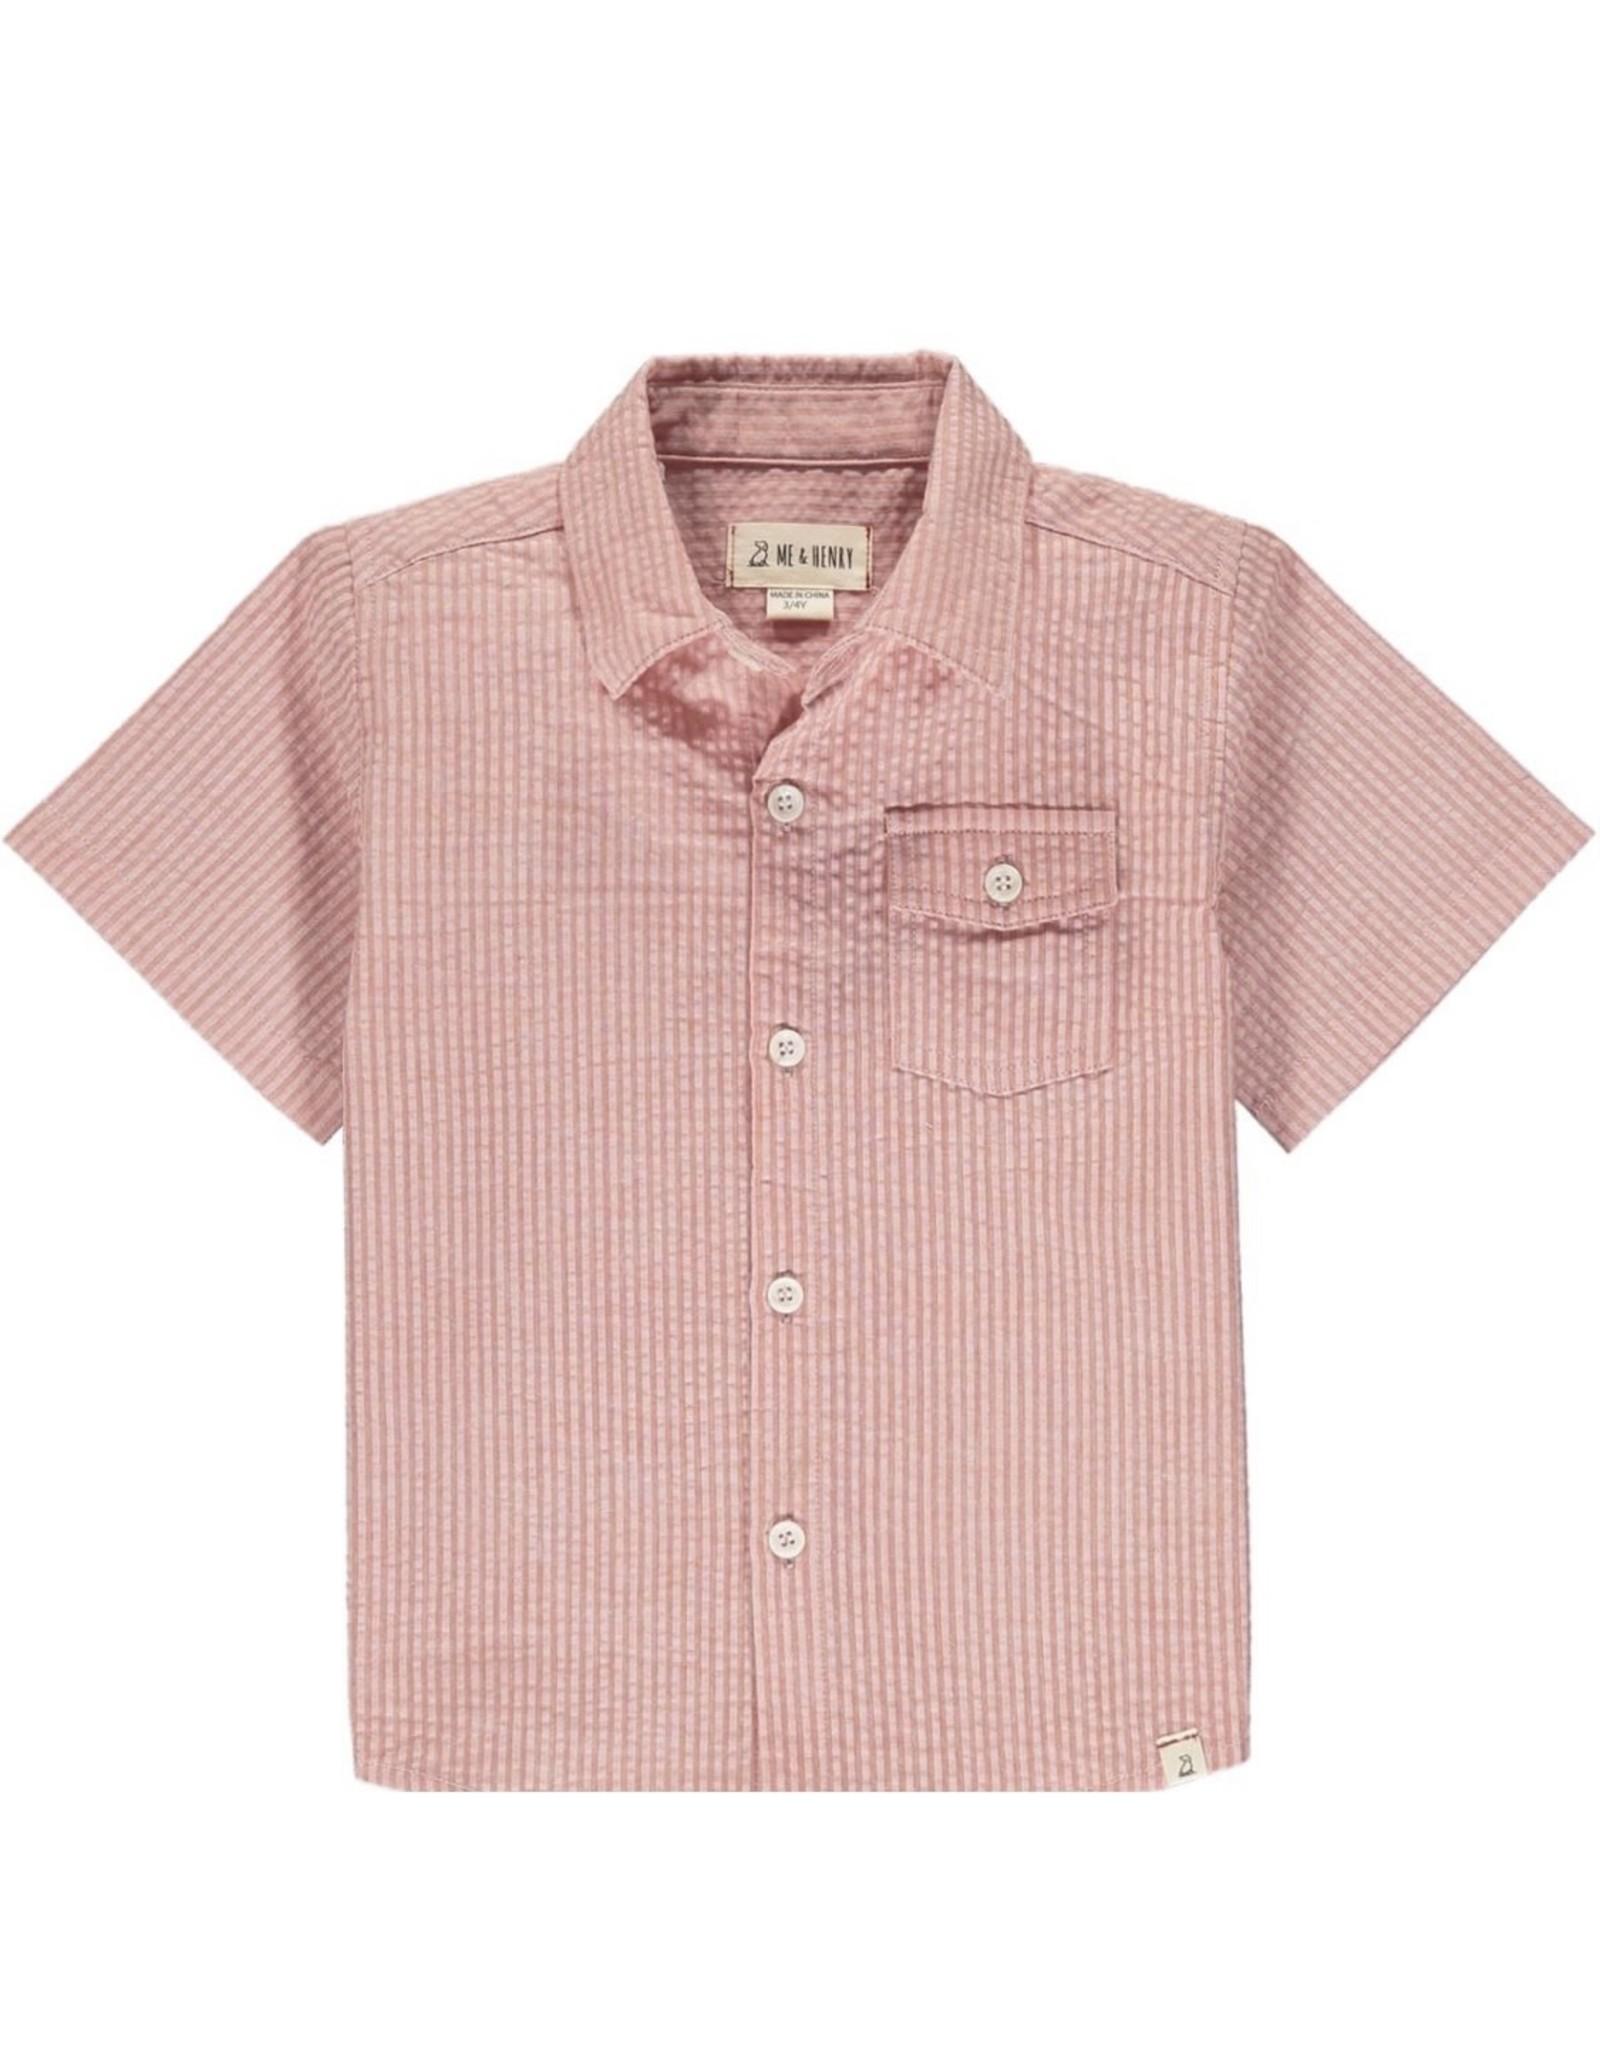 Me & Henry Me & Henry- Coral Seersucker Newport Shirt